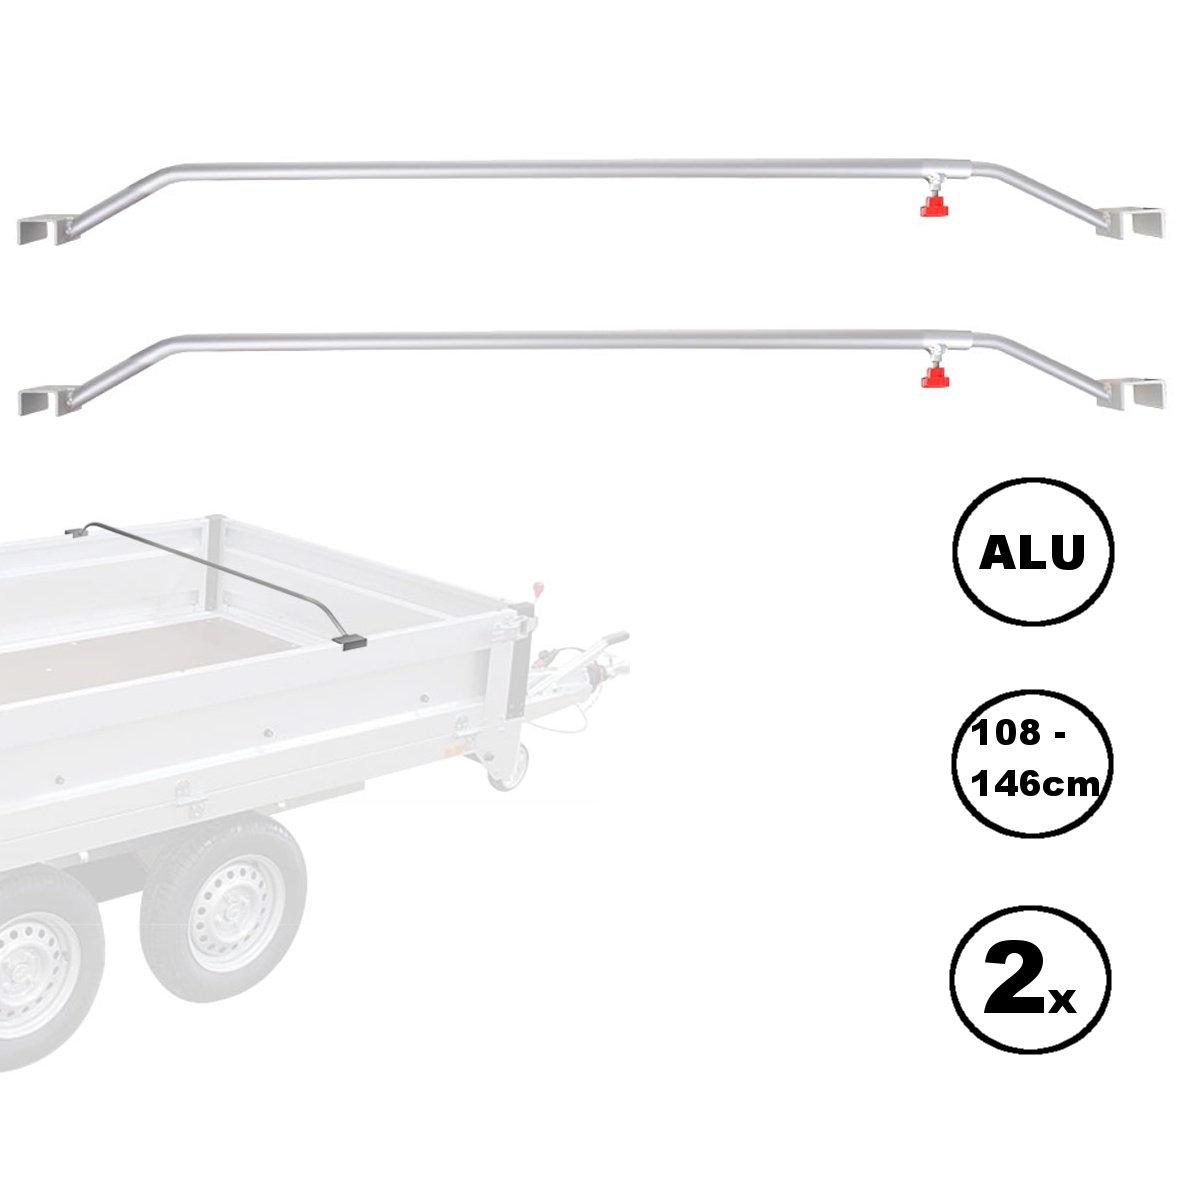 2x Pendentif plat Bâche à repasser Aluminium Réglable 108–146cm Bouton Vis